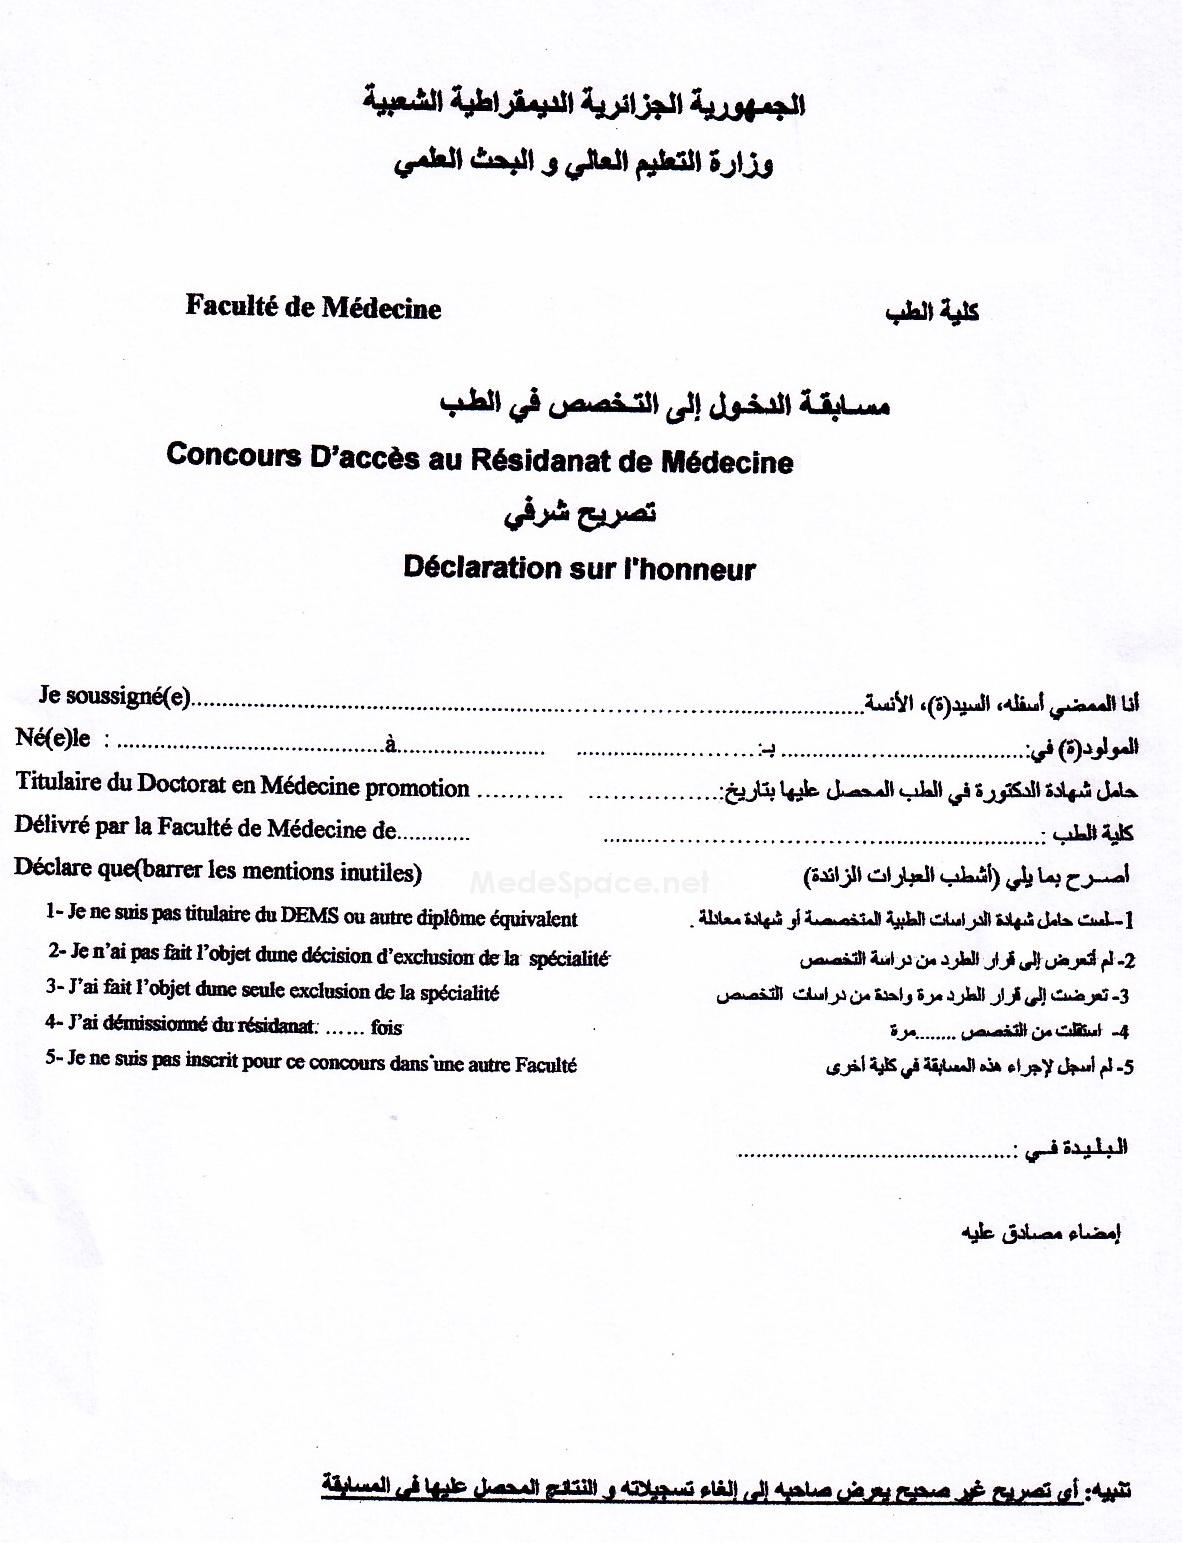 exemple de demande manuscrite pour l internat